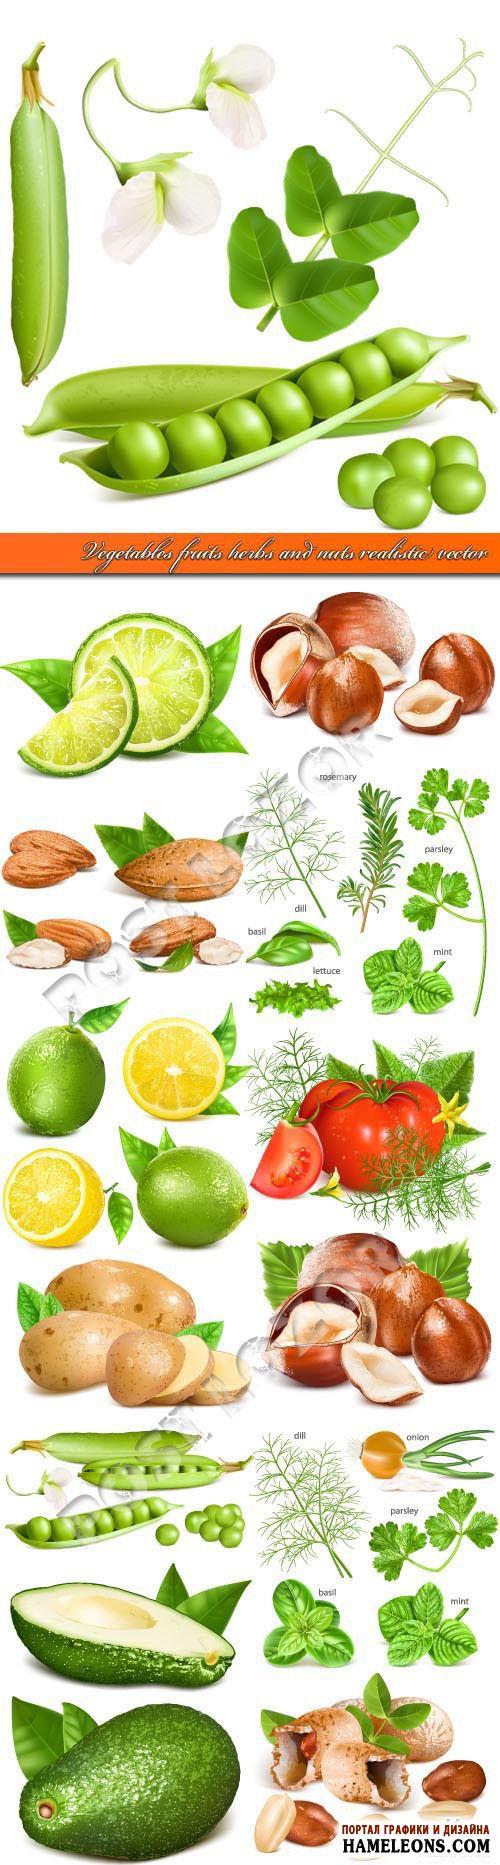 Évelő zöldségek, gyümölcsök, gyógynövények és diófélék